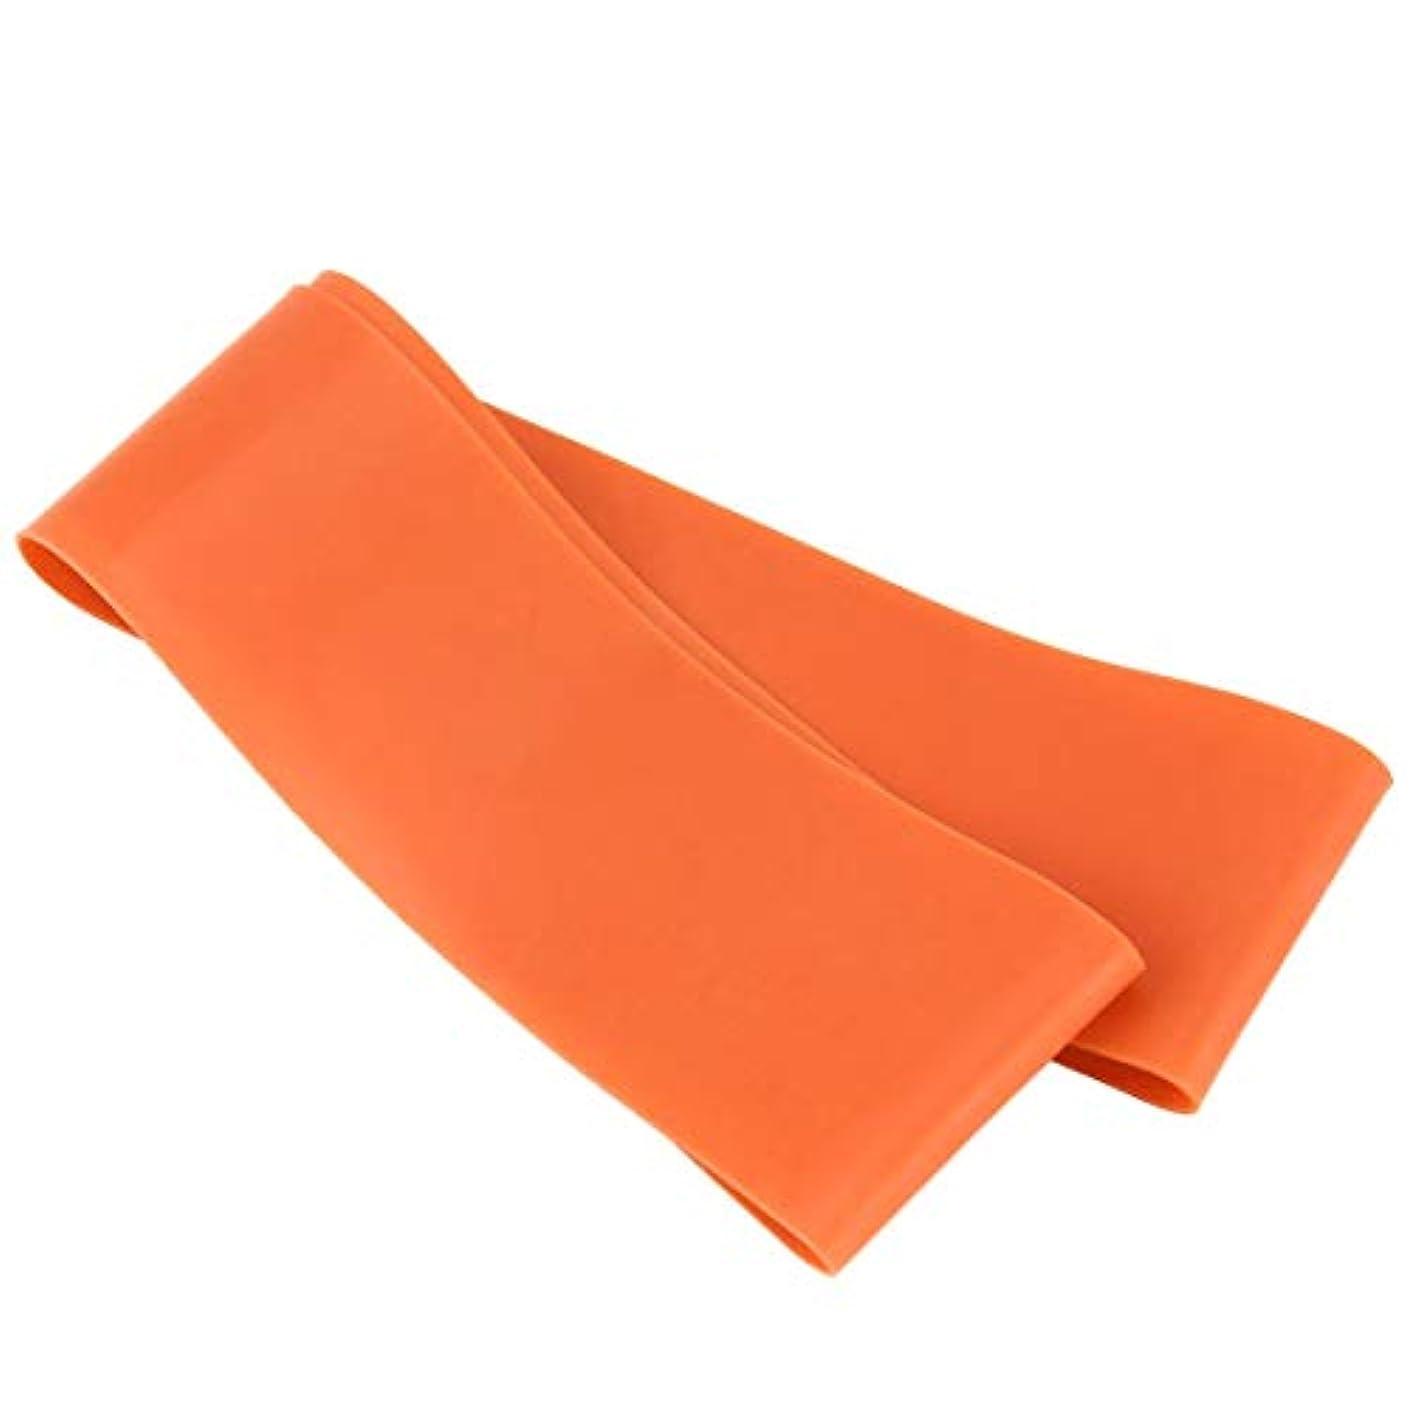 ジャンクヒューズ抽象化滑り止めの伸縮性のあるゴム製伸縮性がある伸縮性があるヨガベルトバンド引きロープの張力抵抗バンドループ強度のためのフィットネスヨガツール - オレンジ